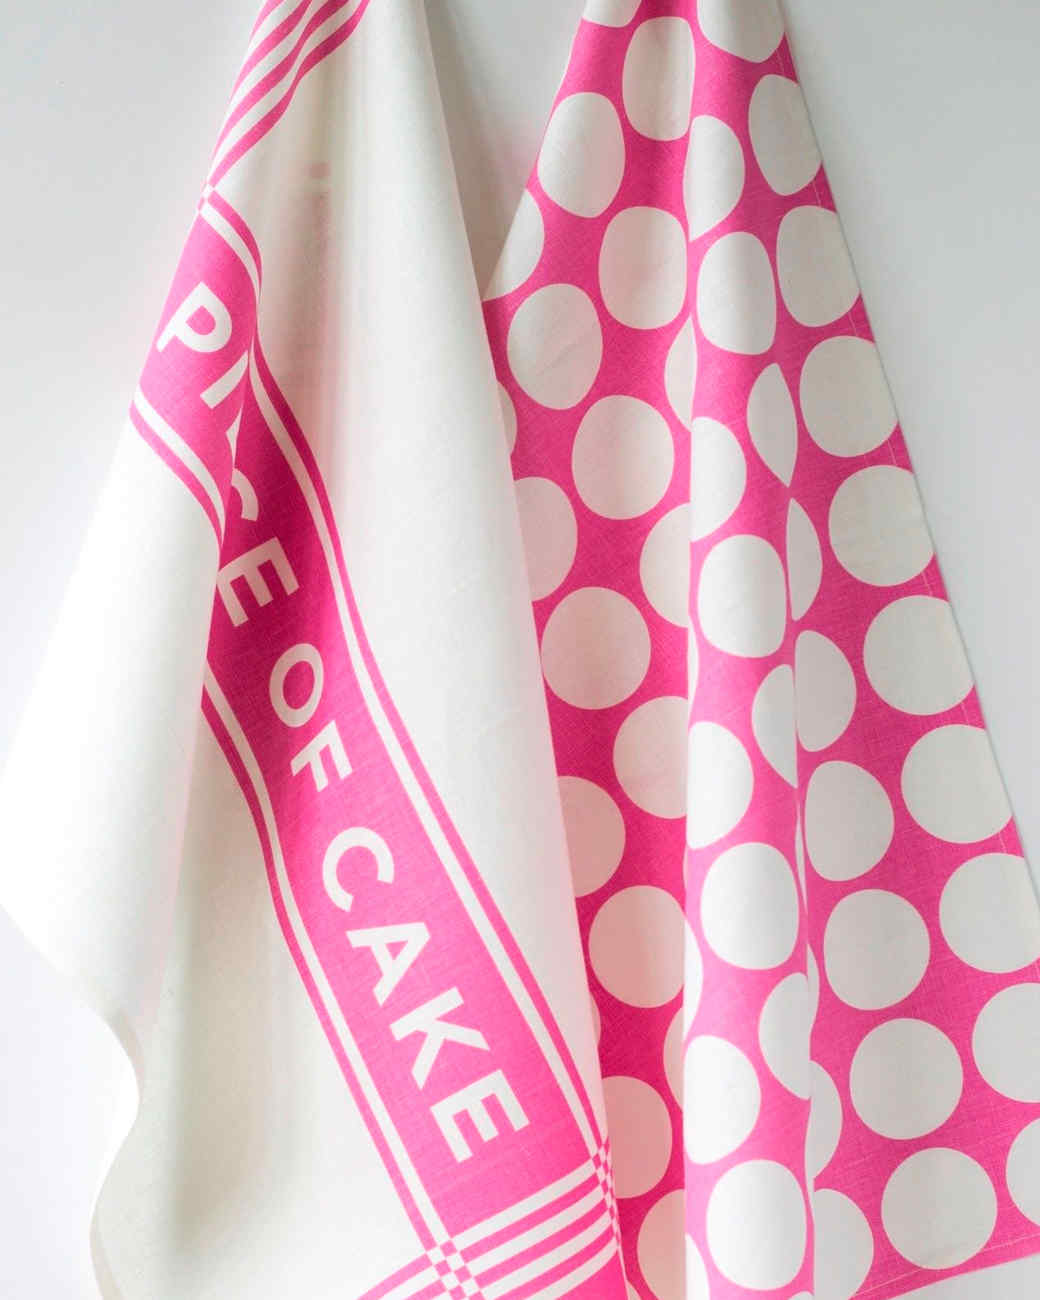 piece-of-cake-towels-studiopatro-0414.jpg